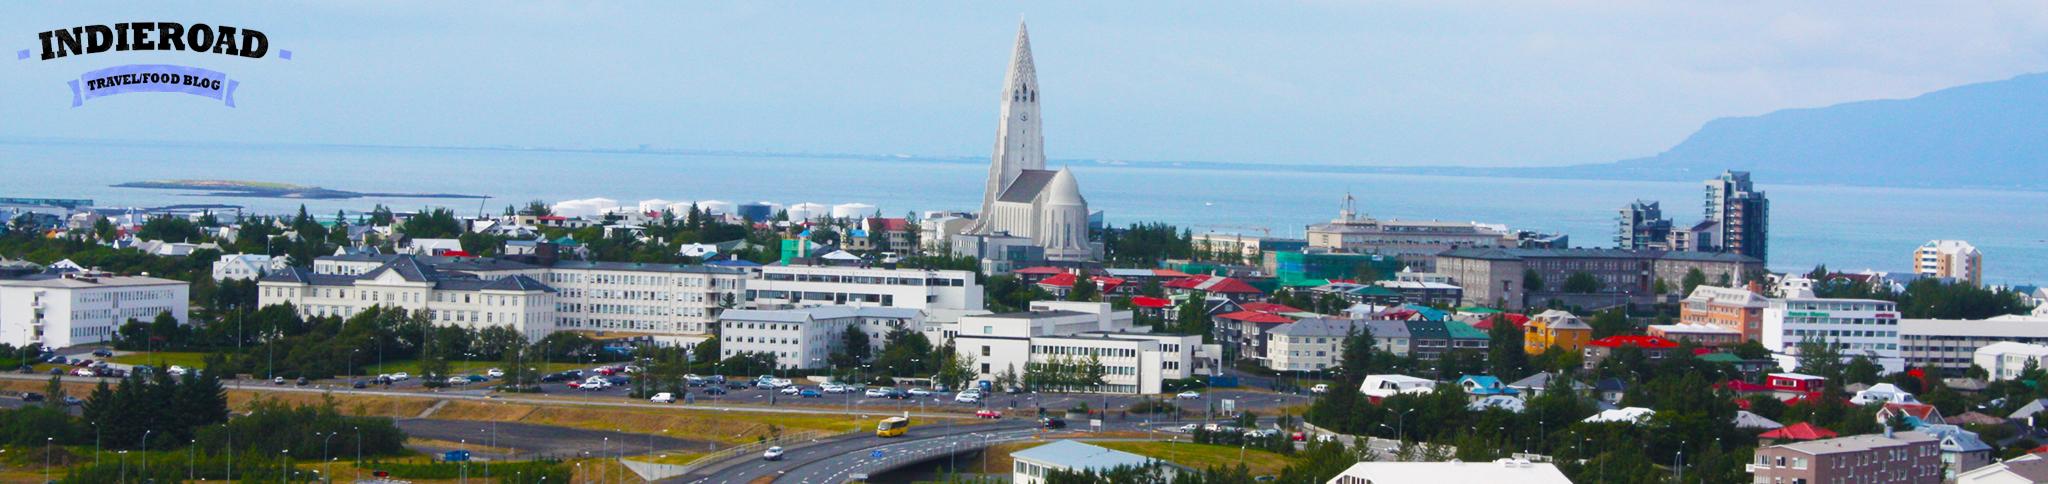 reykjavik banner